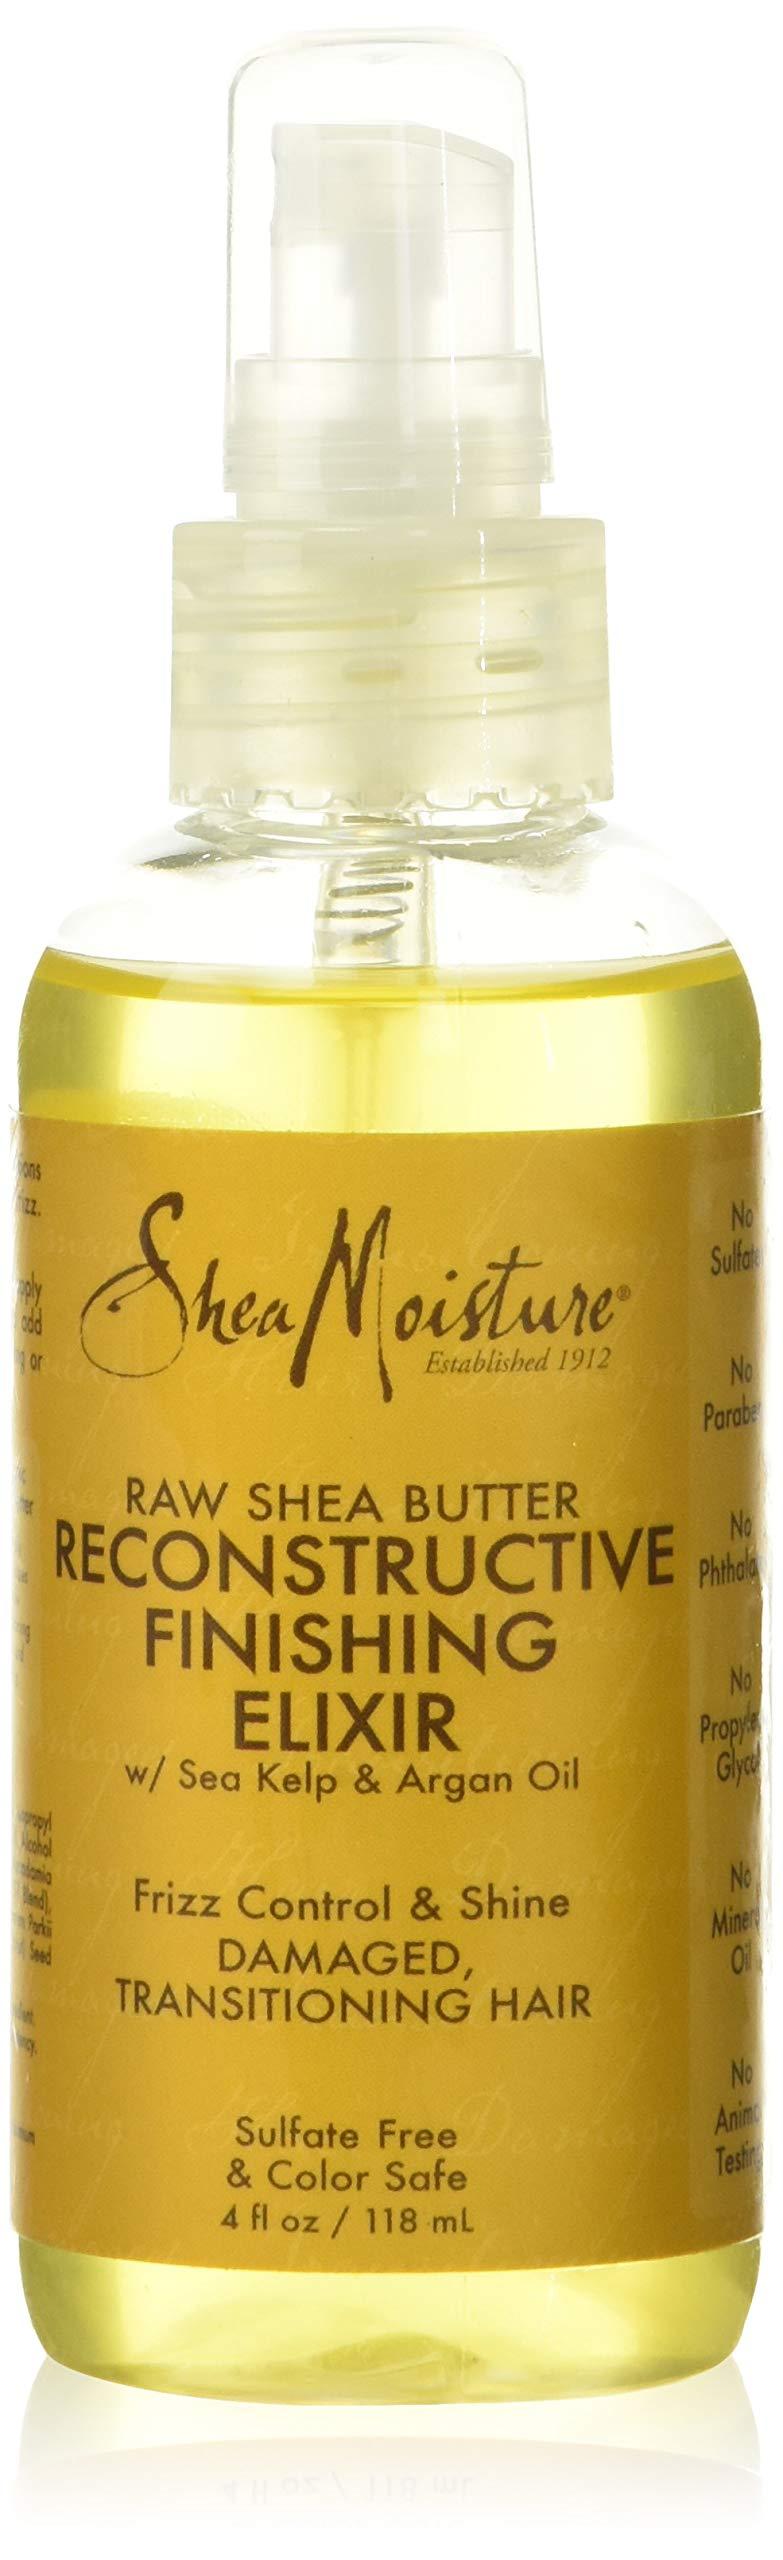 Shea Moisture Raw Shea Butter Reconstructive Finishing Elixir 4 Oz